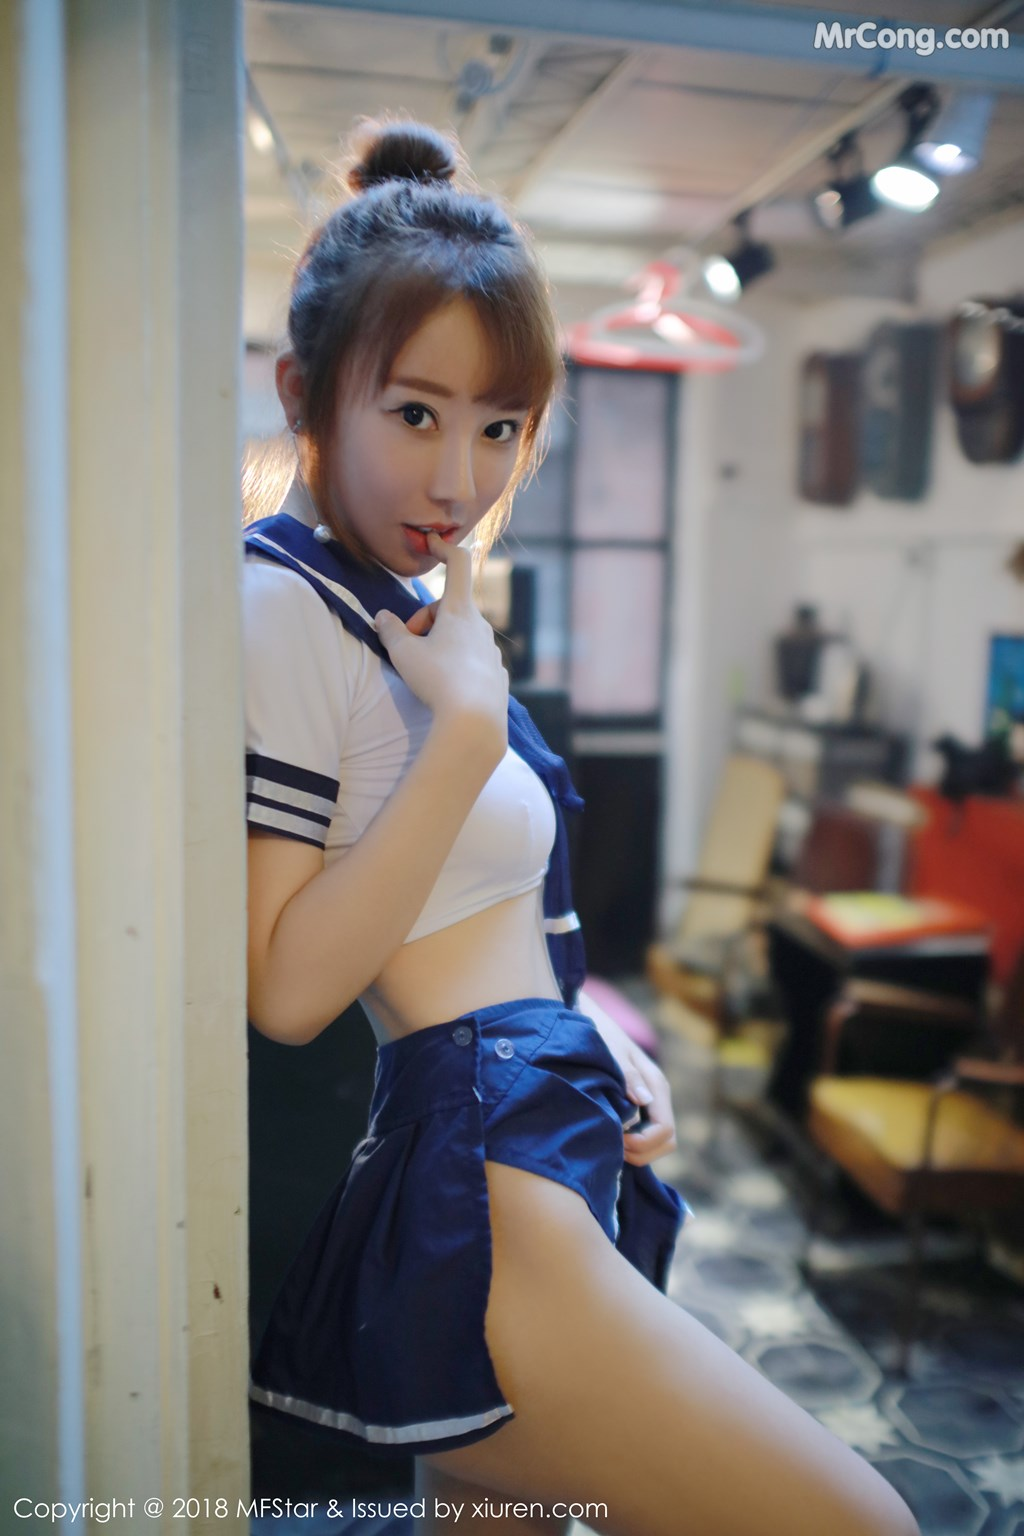 Image MFStar-Vol.154-Xia-Xiao-Xiao-Summer-MrCong.com-004 in post MFStar Vol.154: Người mẫu Xia Xiao Xiao (夏笑笑Summer) (36 ảnh)